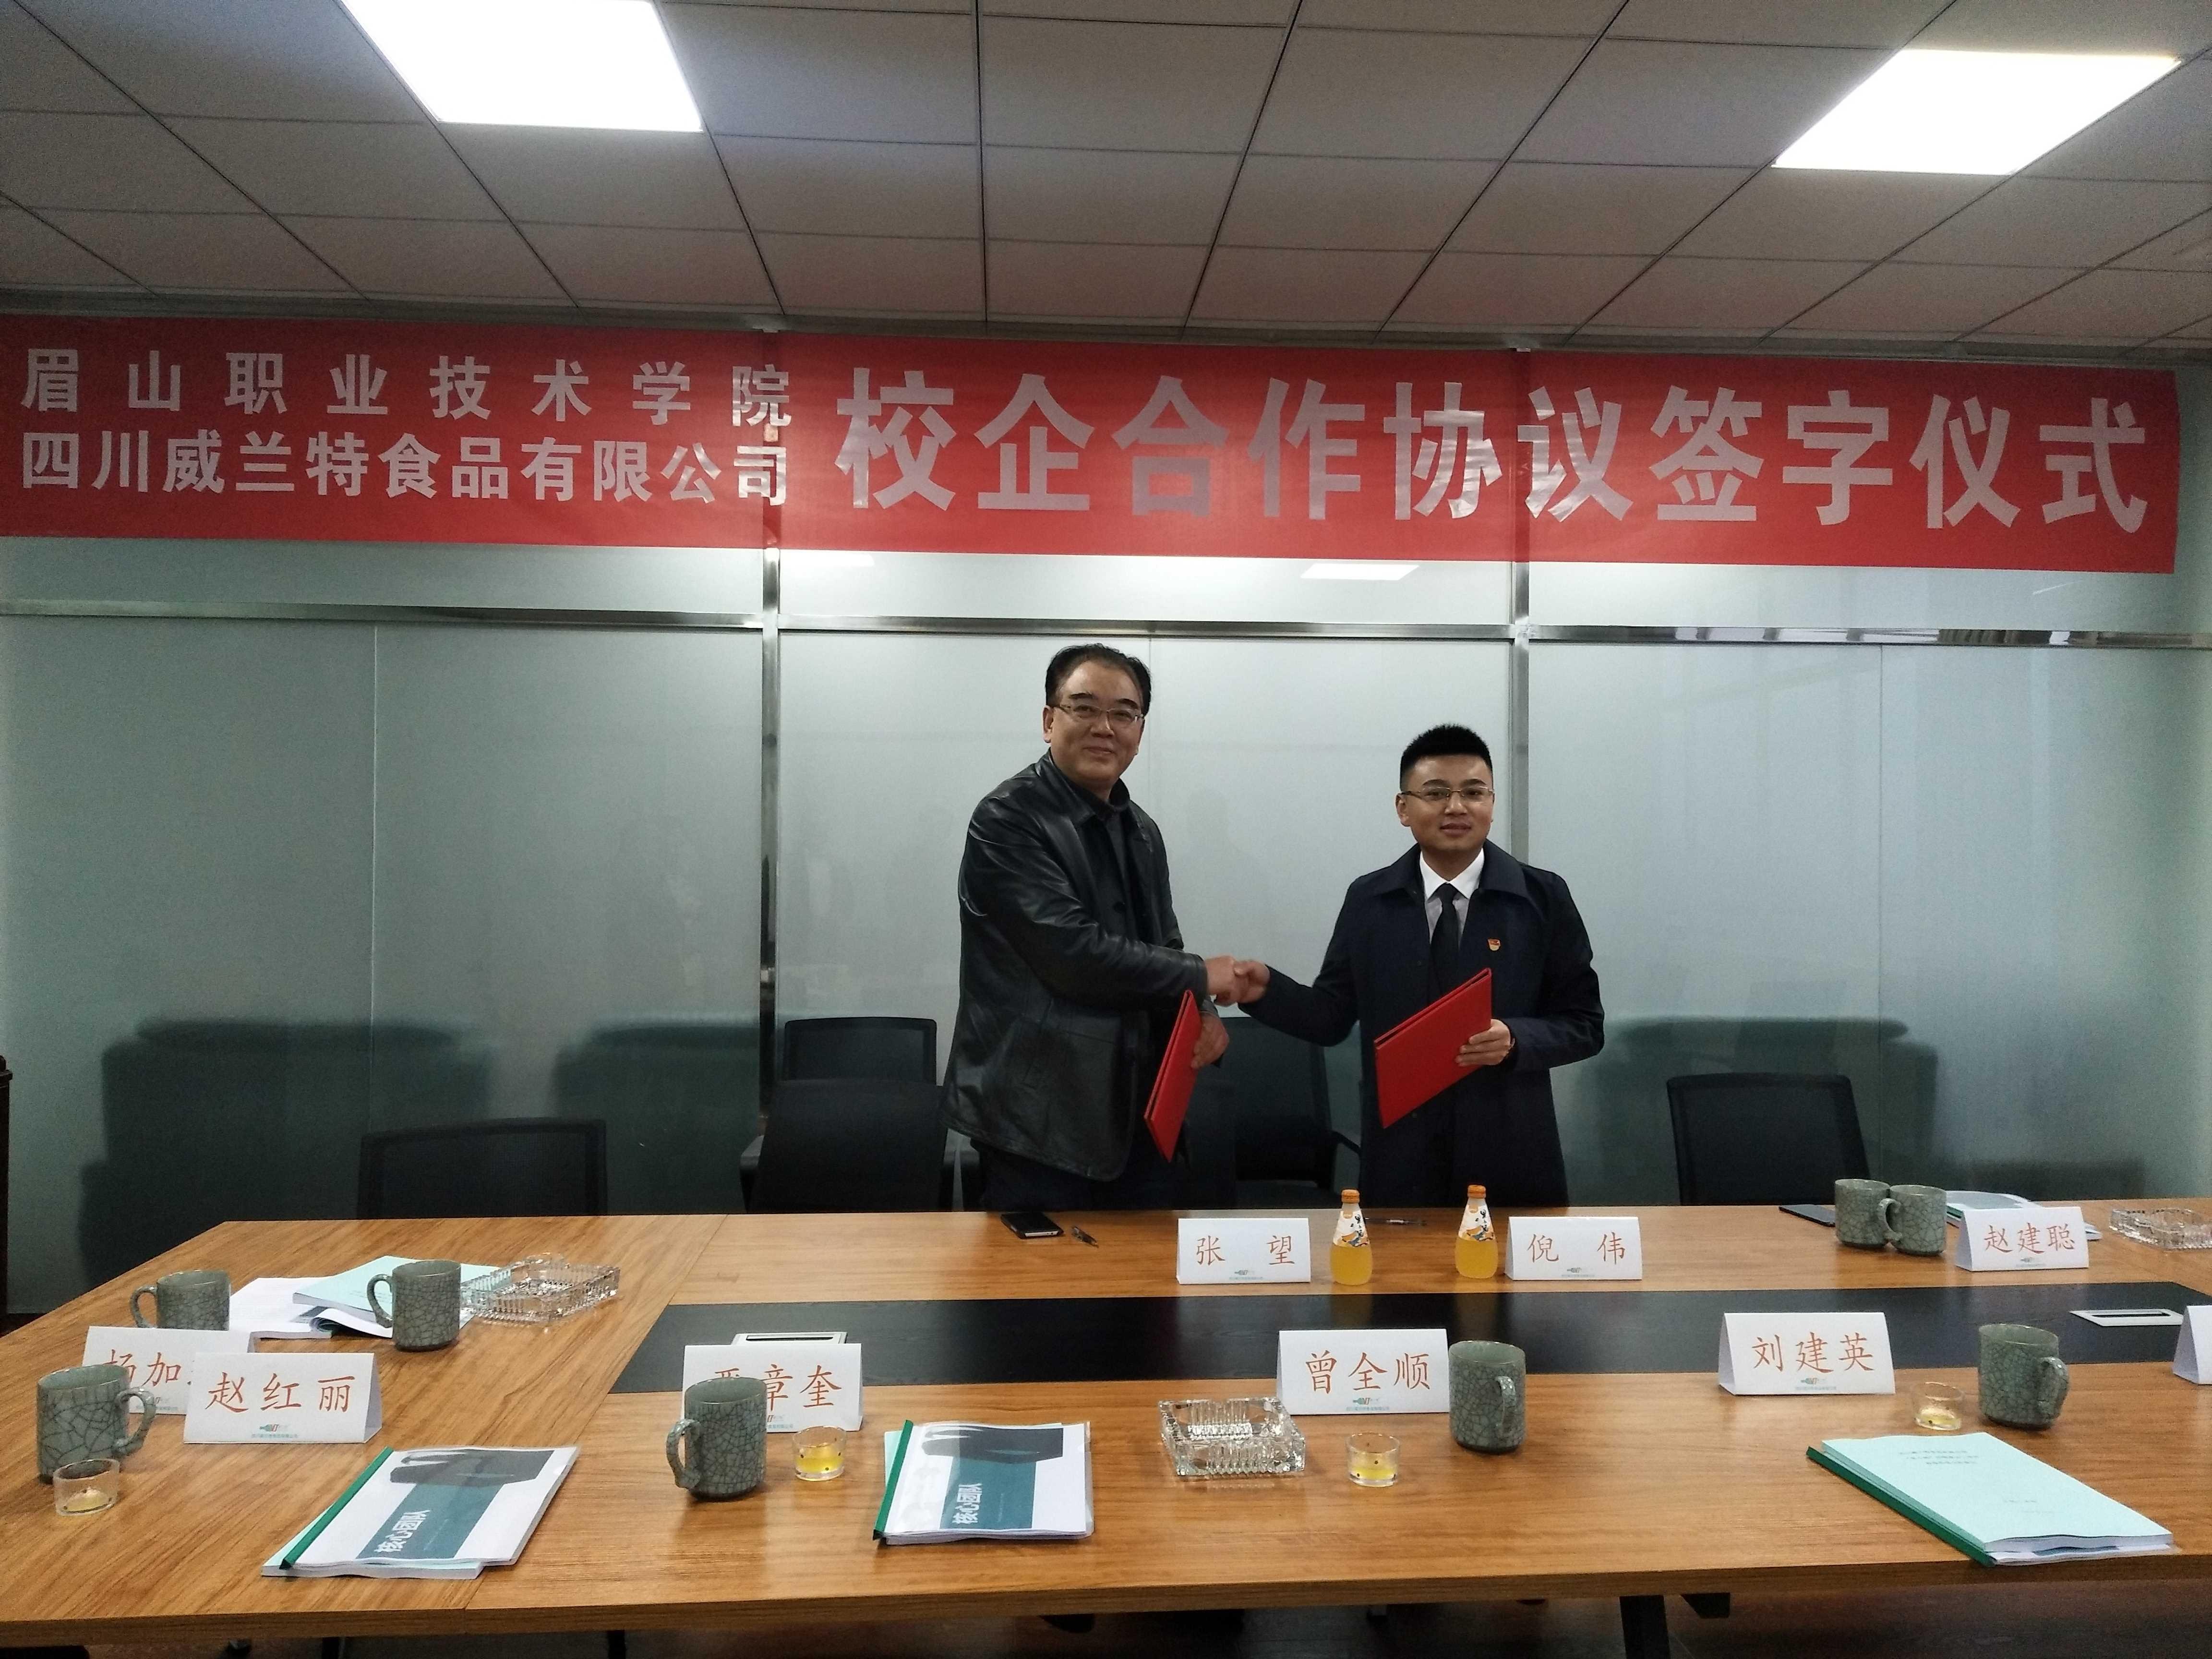 眉山职业技术学院四川威兰特食品有限公司签订校企合作协议